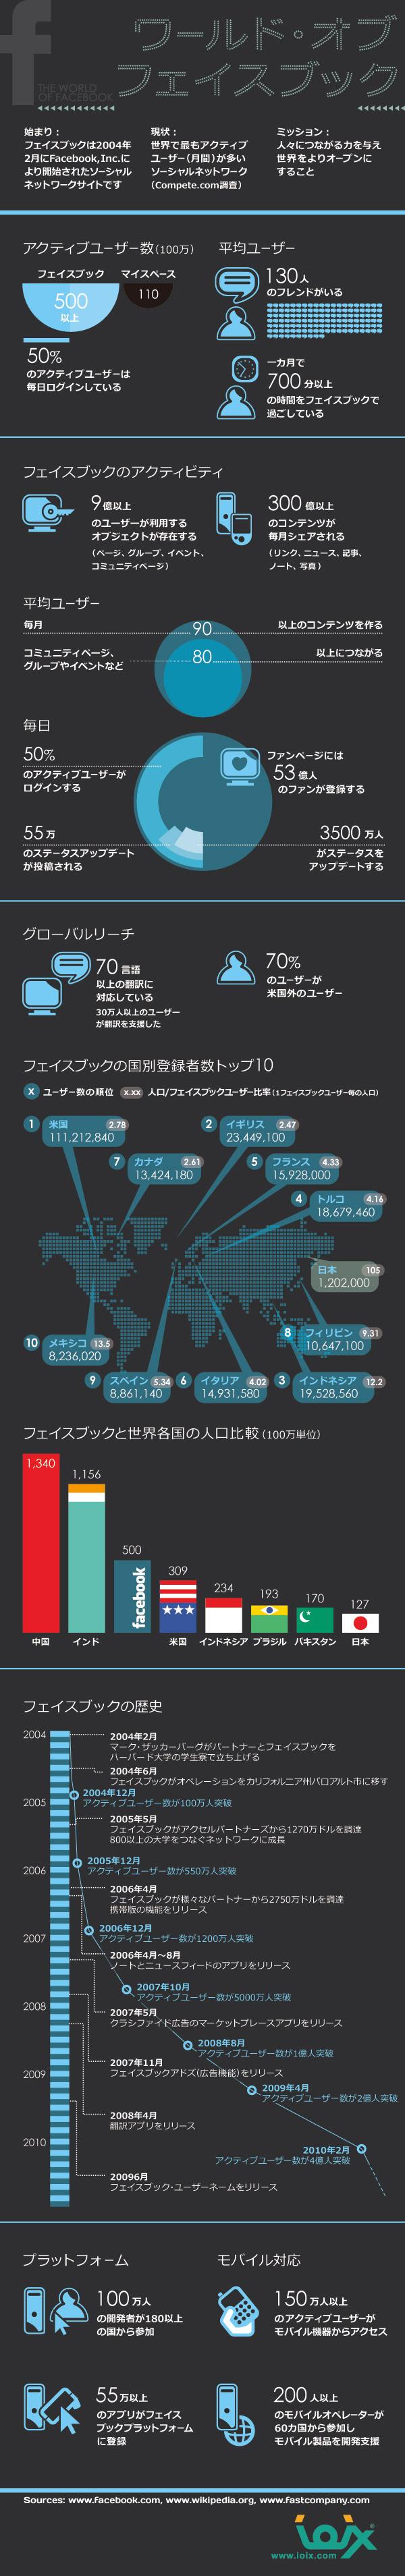 インフォグラフィックス:ワールド オブ フェイスブック